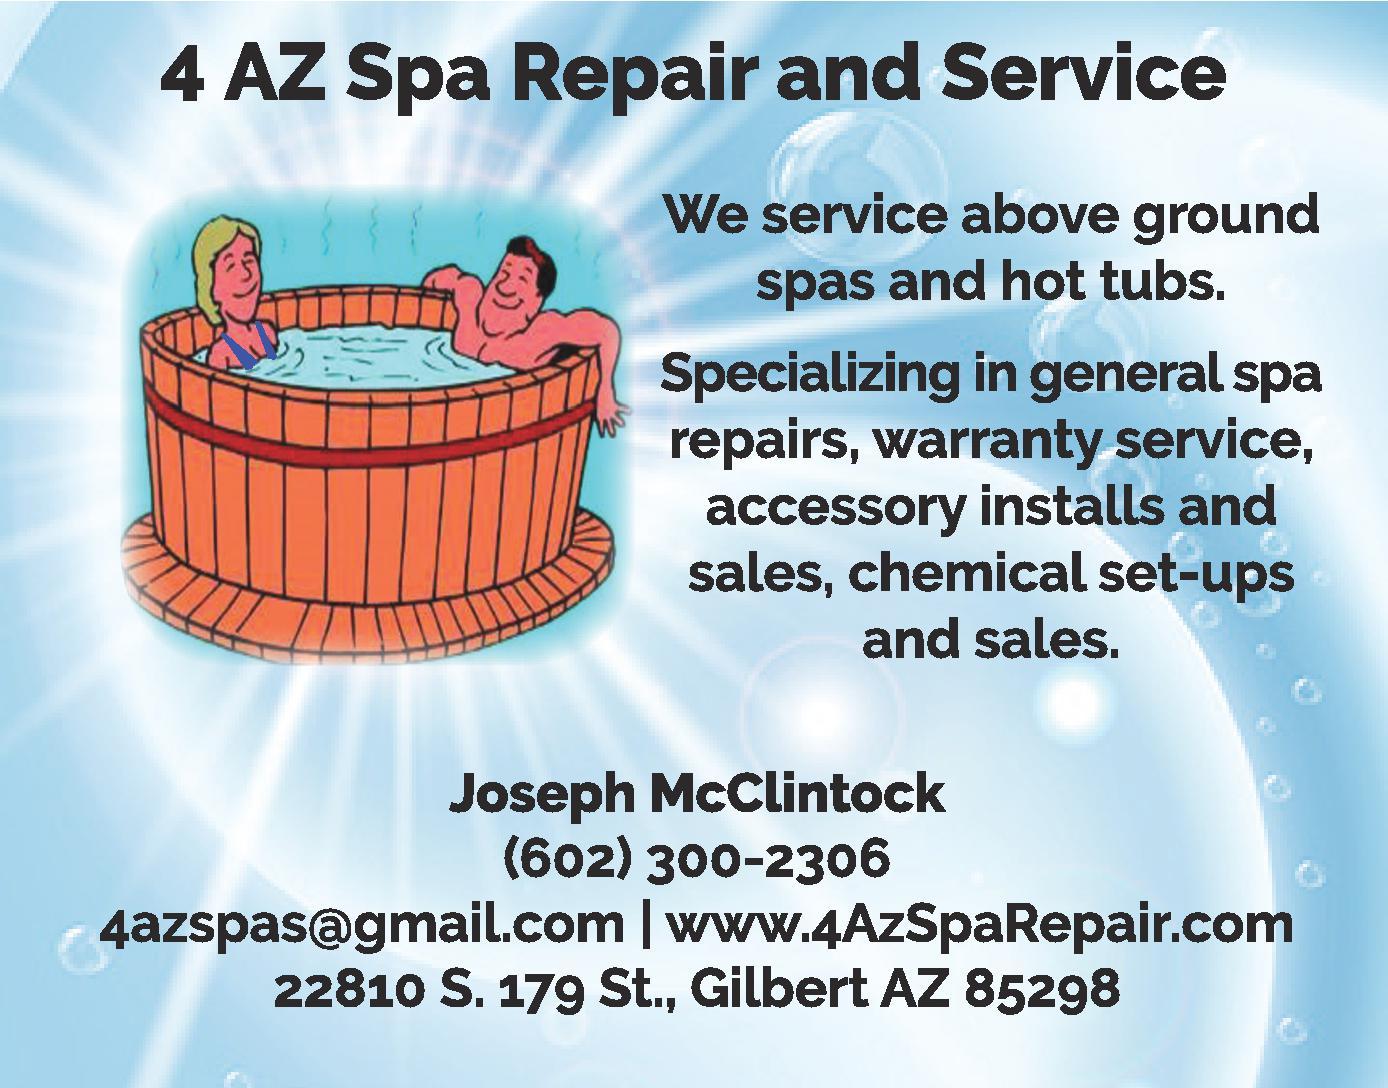 4 AZ Spa Repair and Service